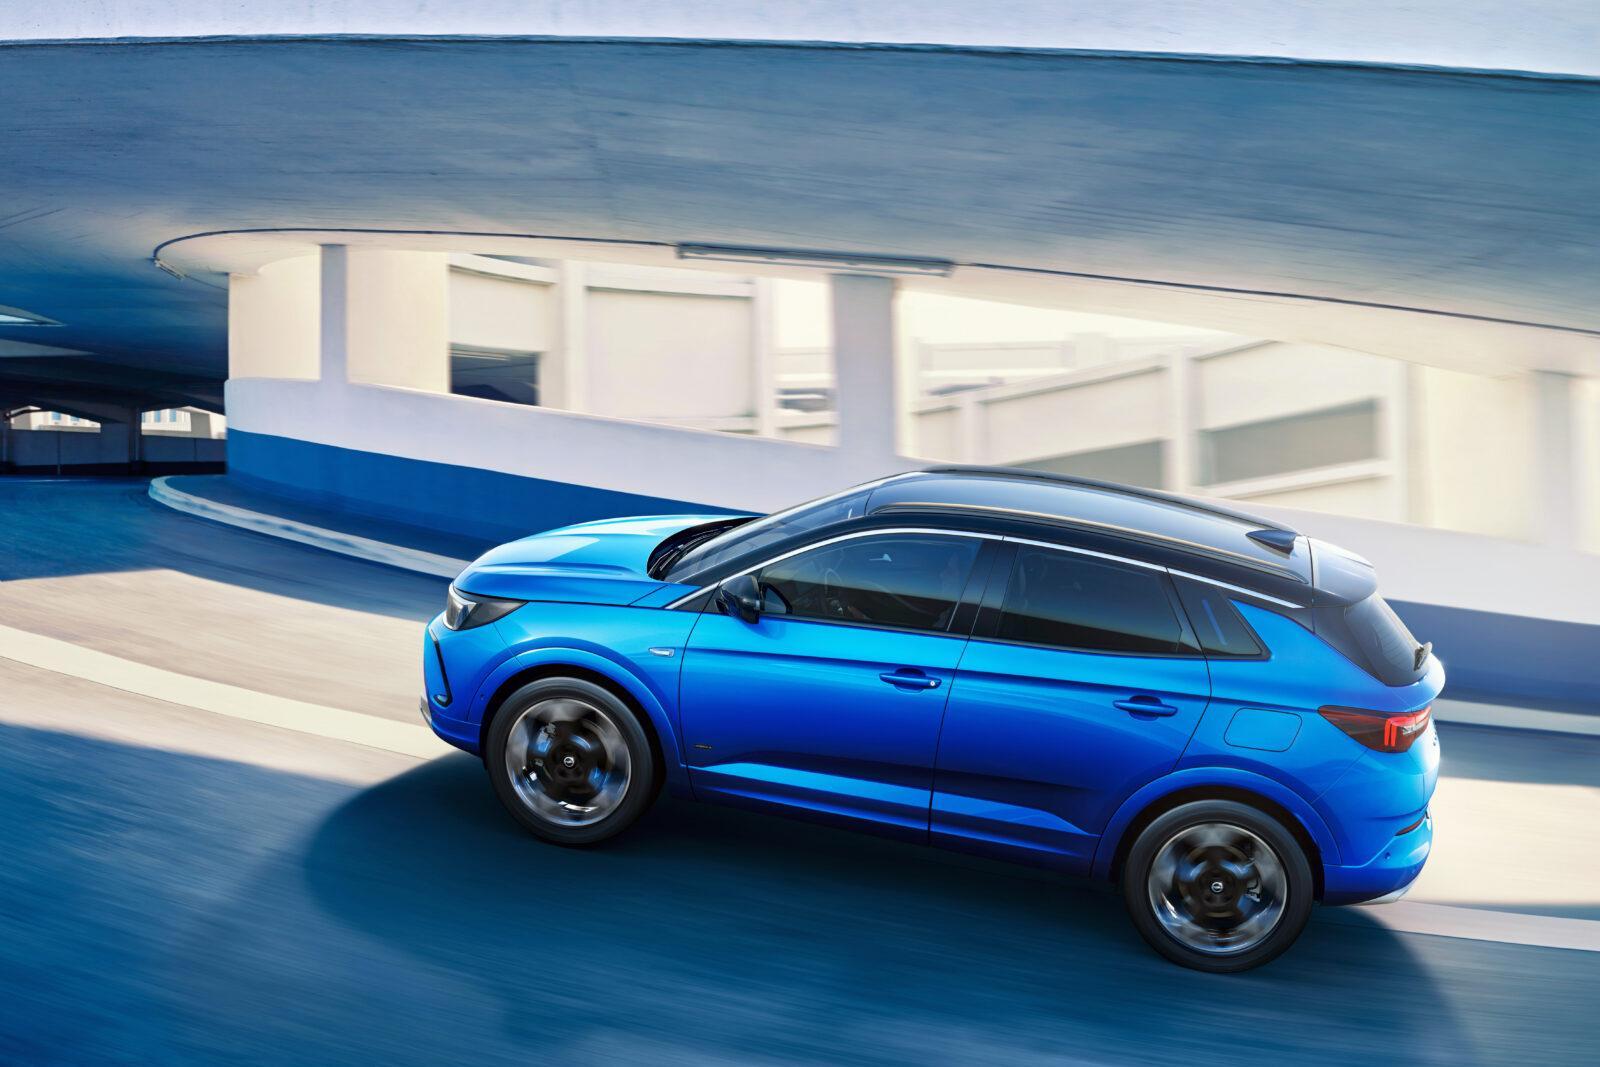 Opel сделала новый электромобиль Grandland - смелый дизайн и передовые технологии (novyj opel grandland 2)